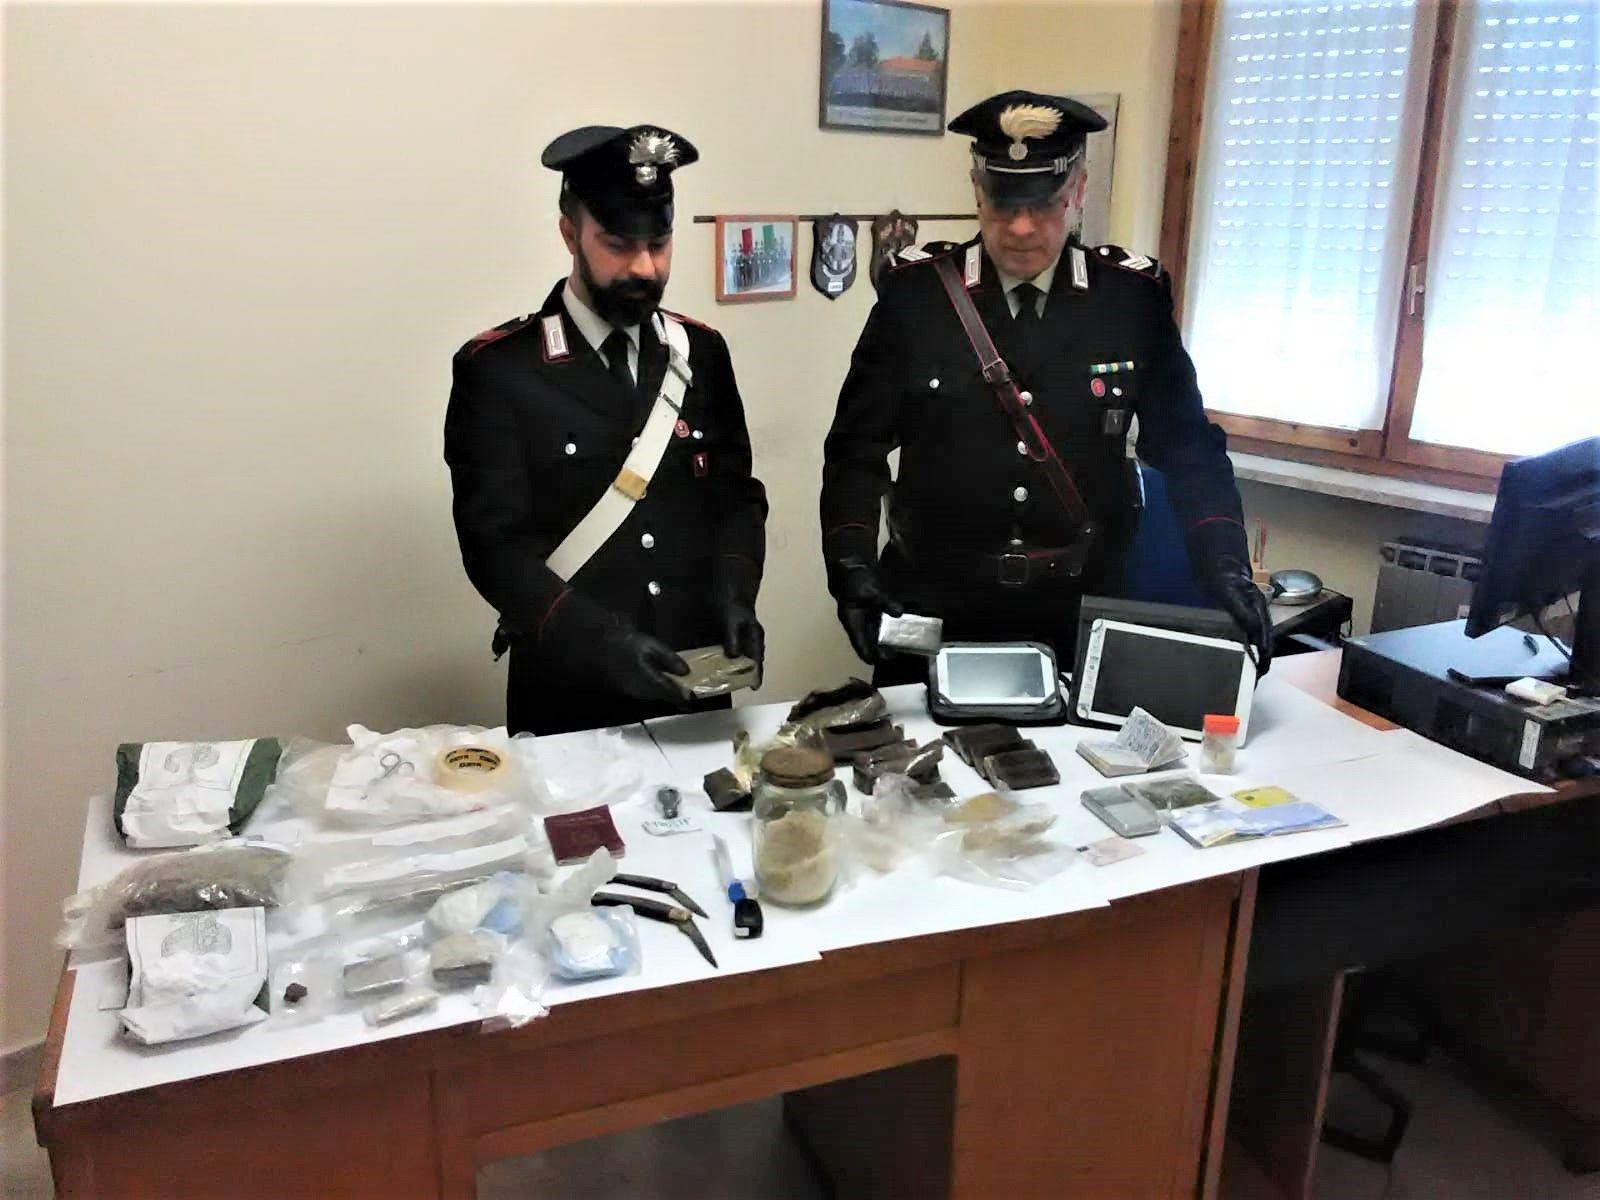 FORNO CANAVESE - Spaccia droga in tutta la zona: arrestato